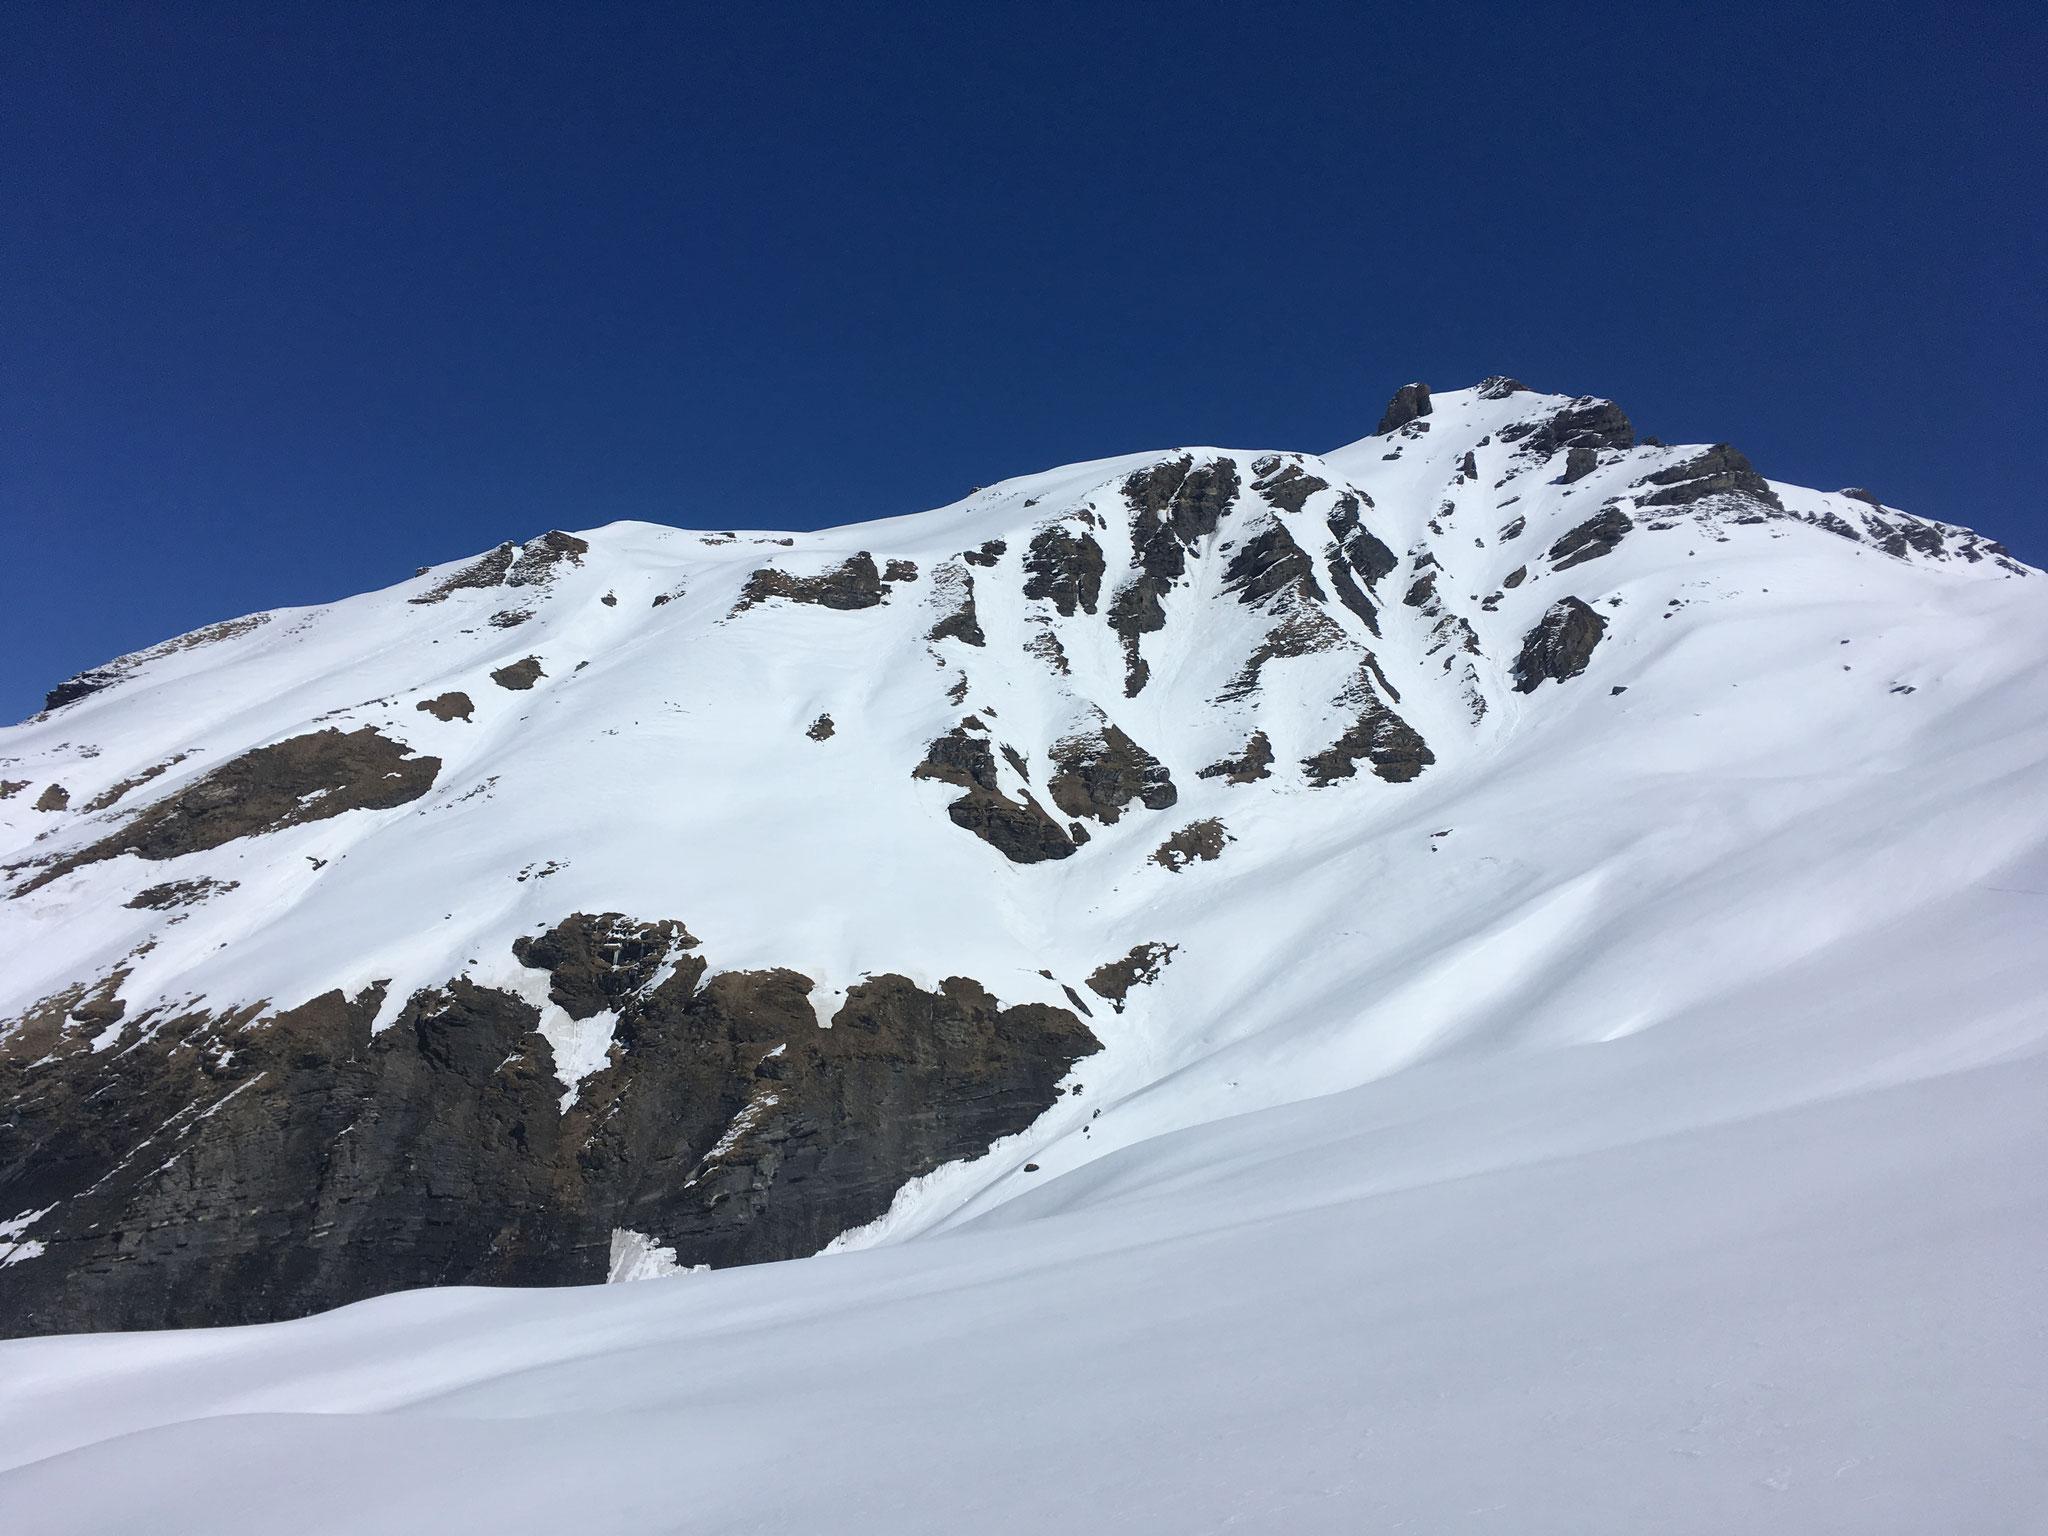 En haut à droite, les 2 couloirs supérieurs d'accès aux Baux Prés. Jolis pour le ski !